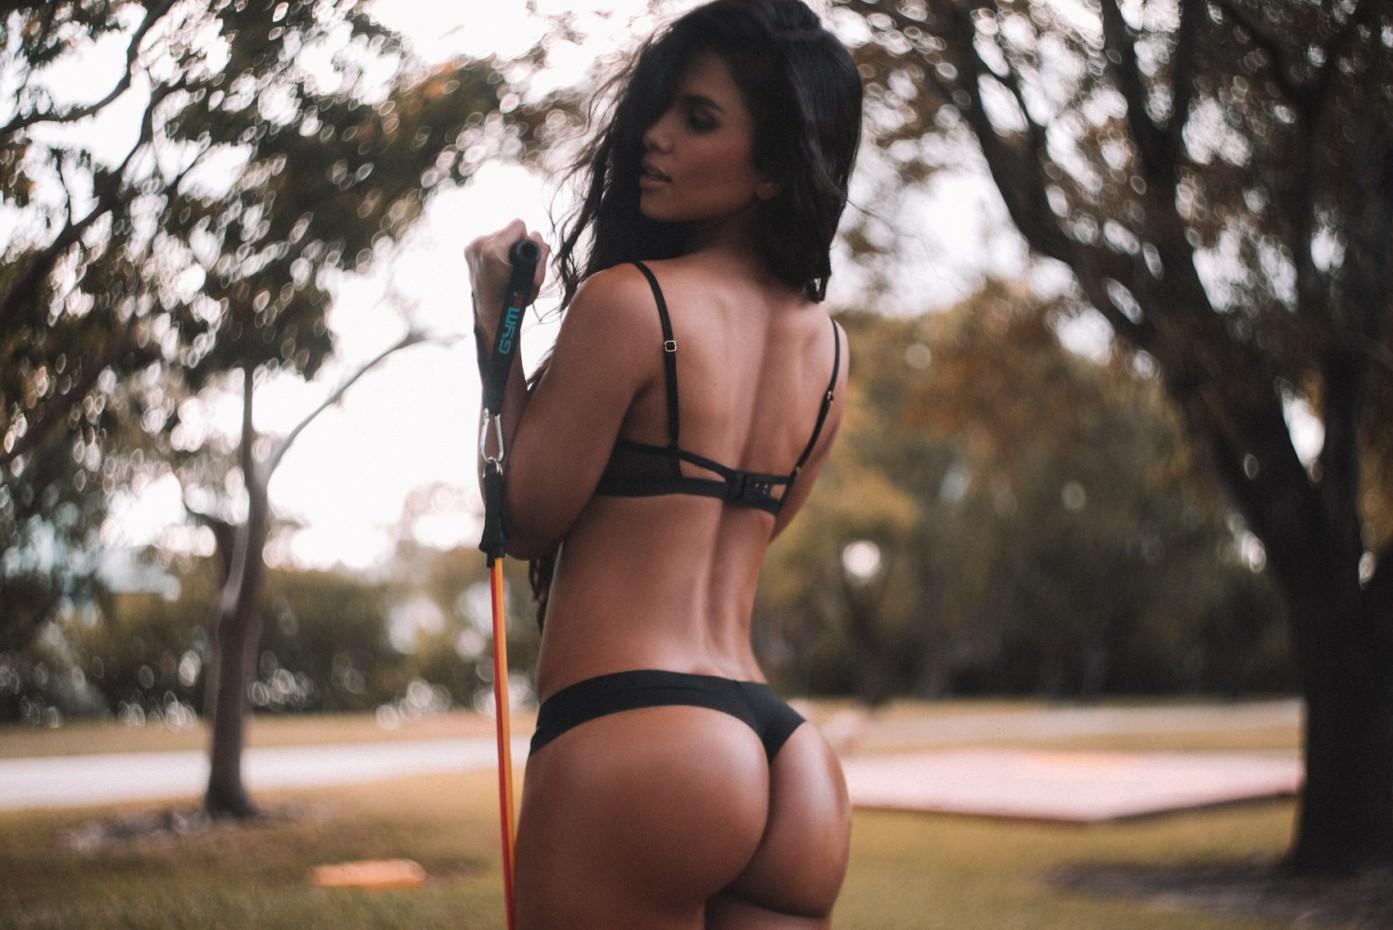 Saggy tits beach